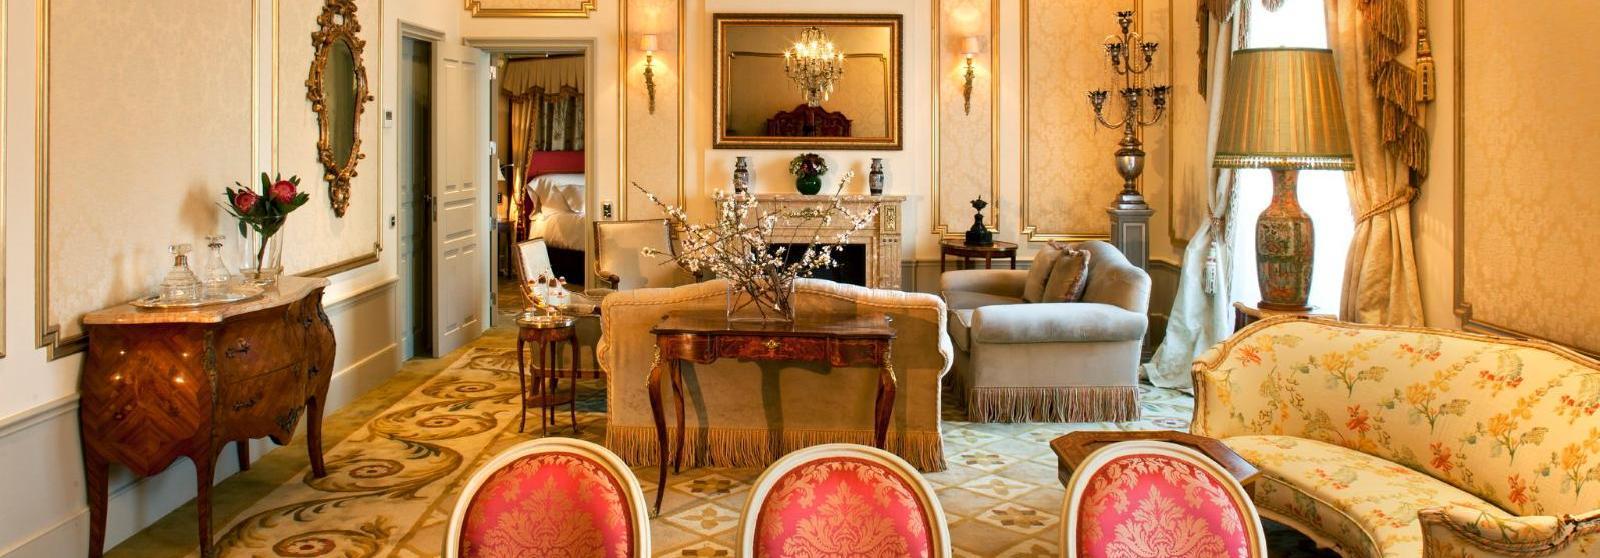 巴塞罗那皇宫酒店(El Palace Barcelona) 达利套房图片  www.lhw.cn